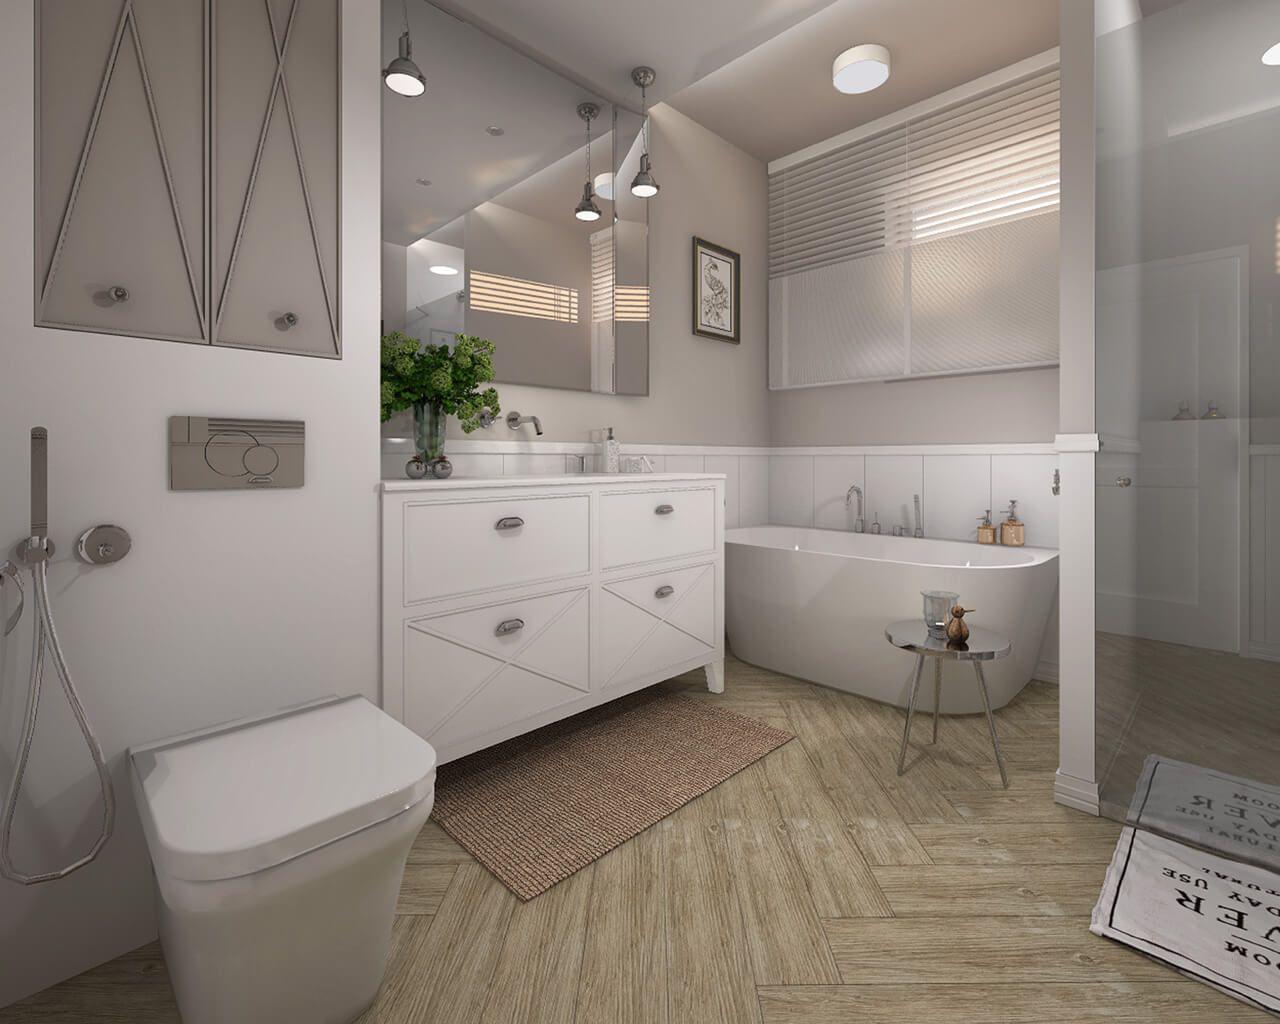 Styl Modern Classic W Klasycznej łazience Ceramika Paradyż